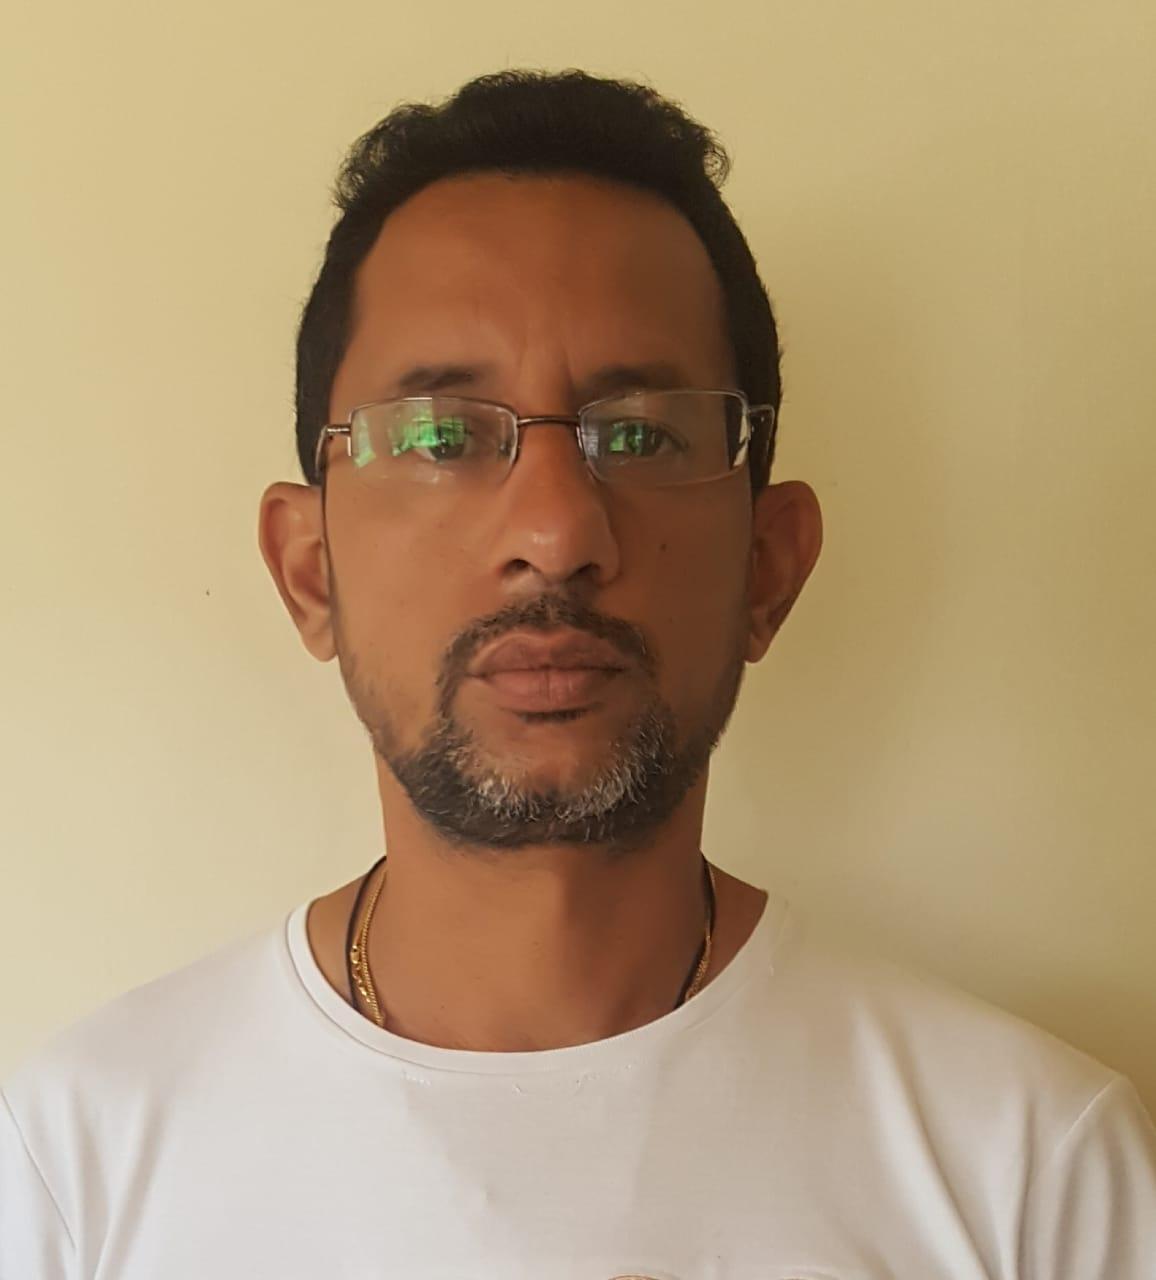 Mr. Ranjit S. Virdee